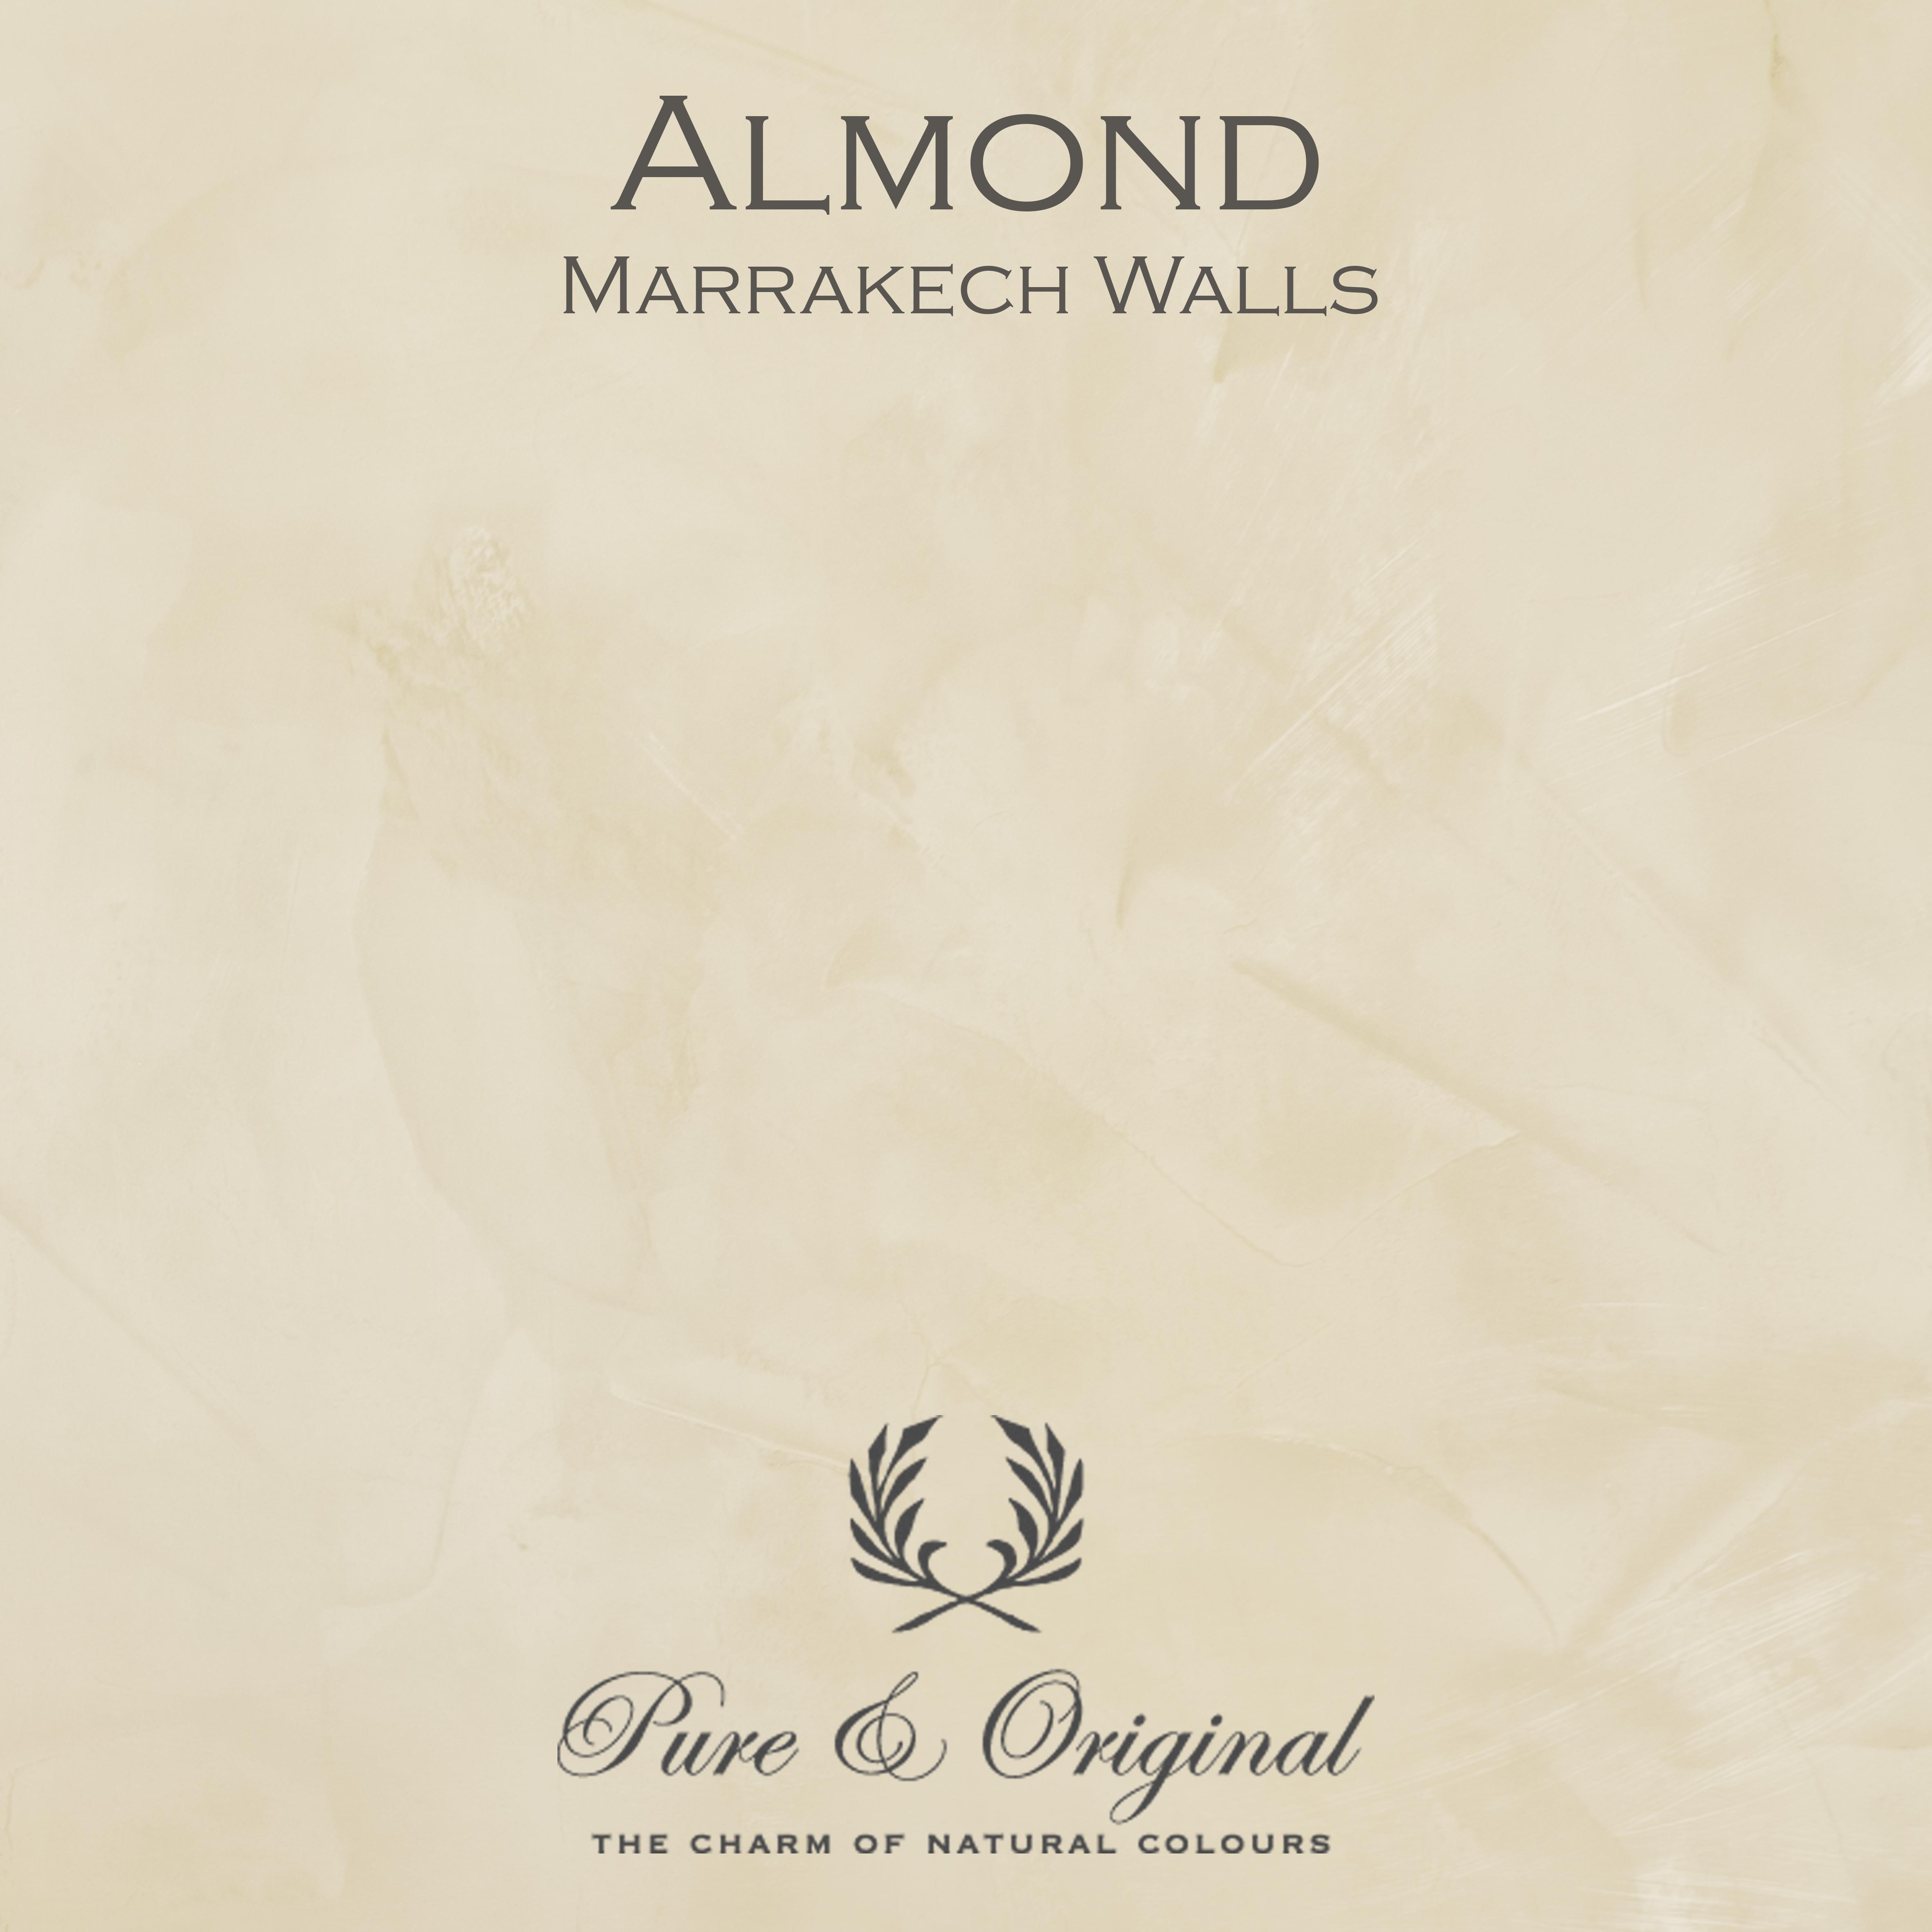 Kulör Almond, Marrakech Walls kalkfärg